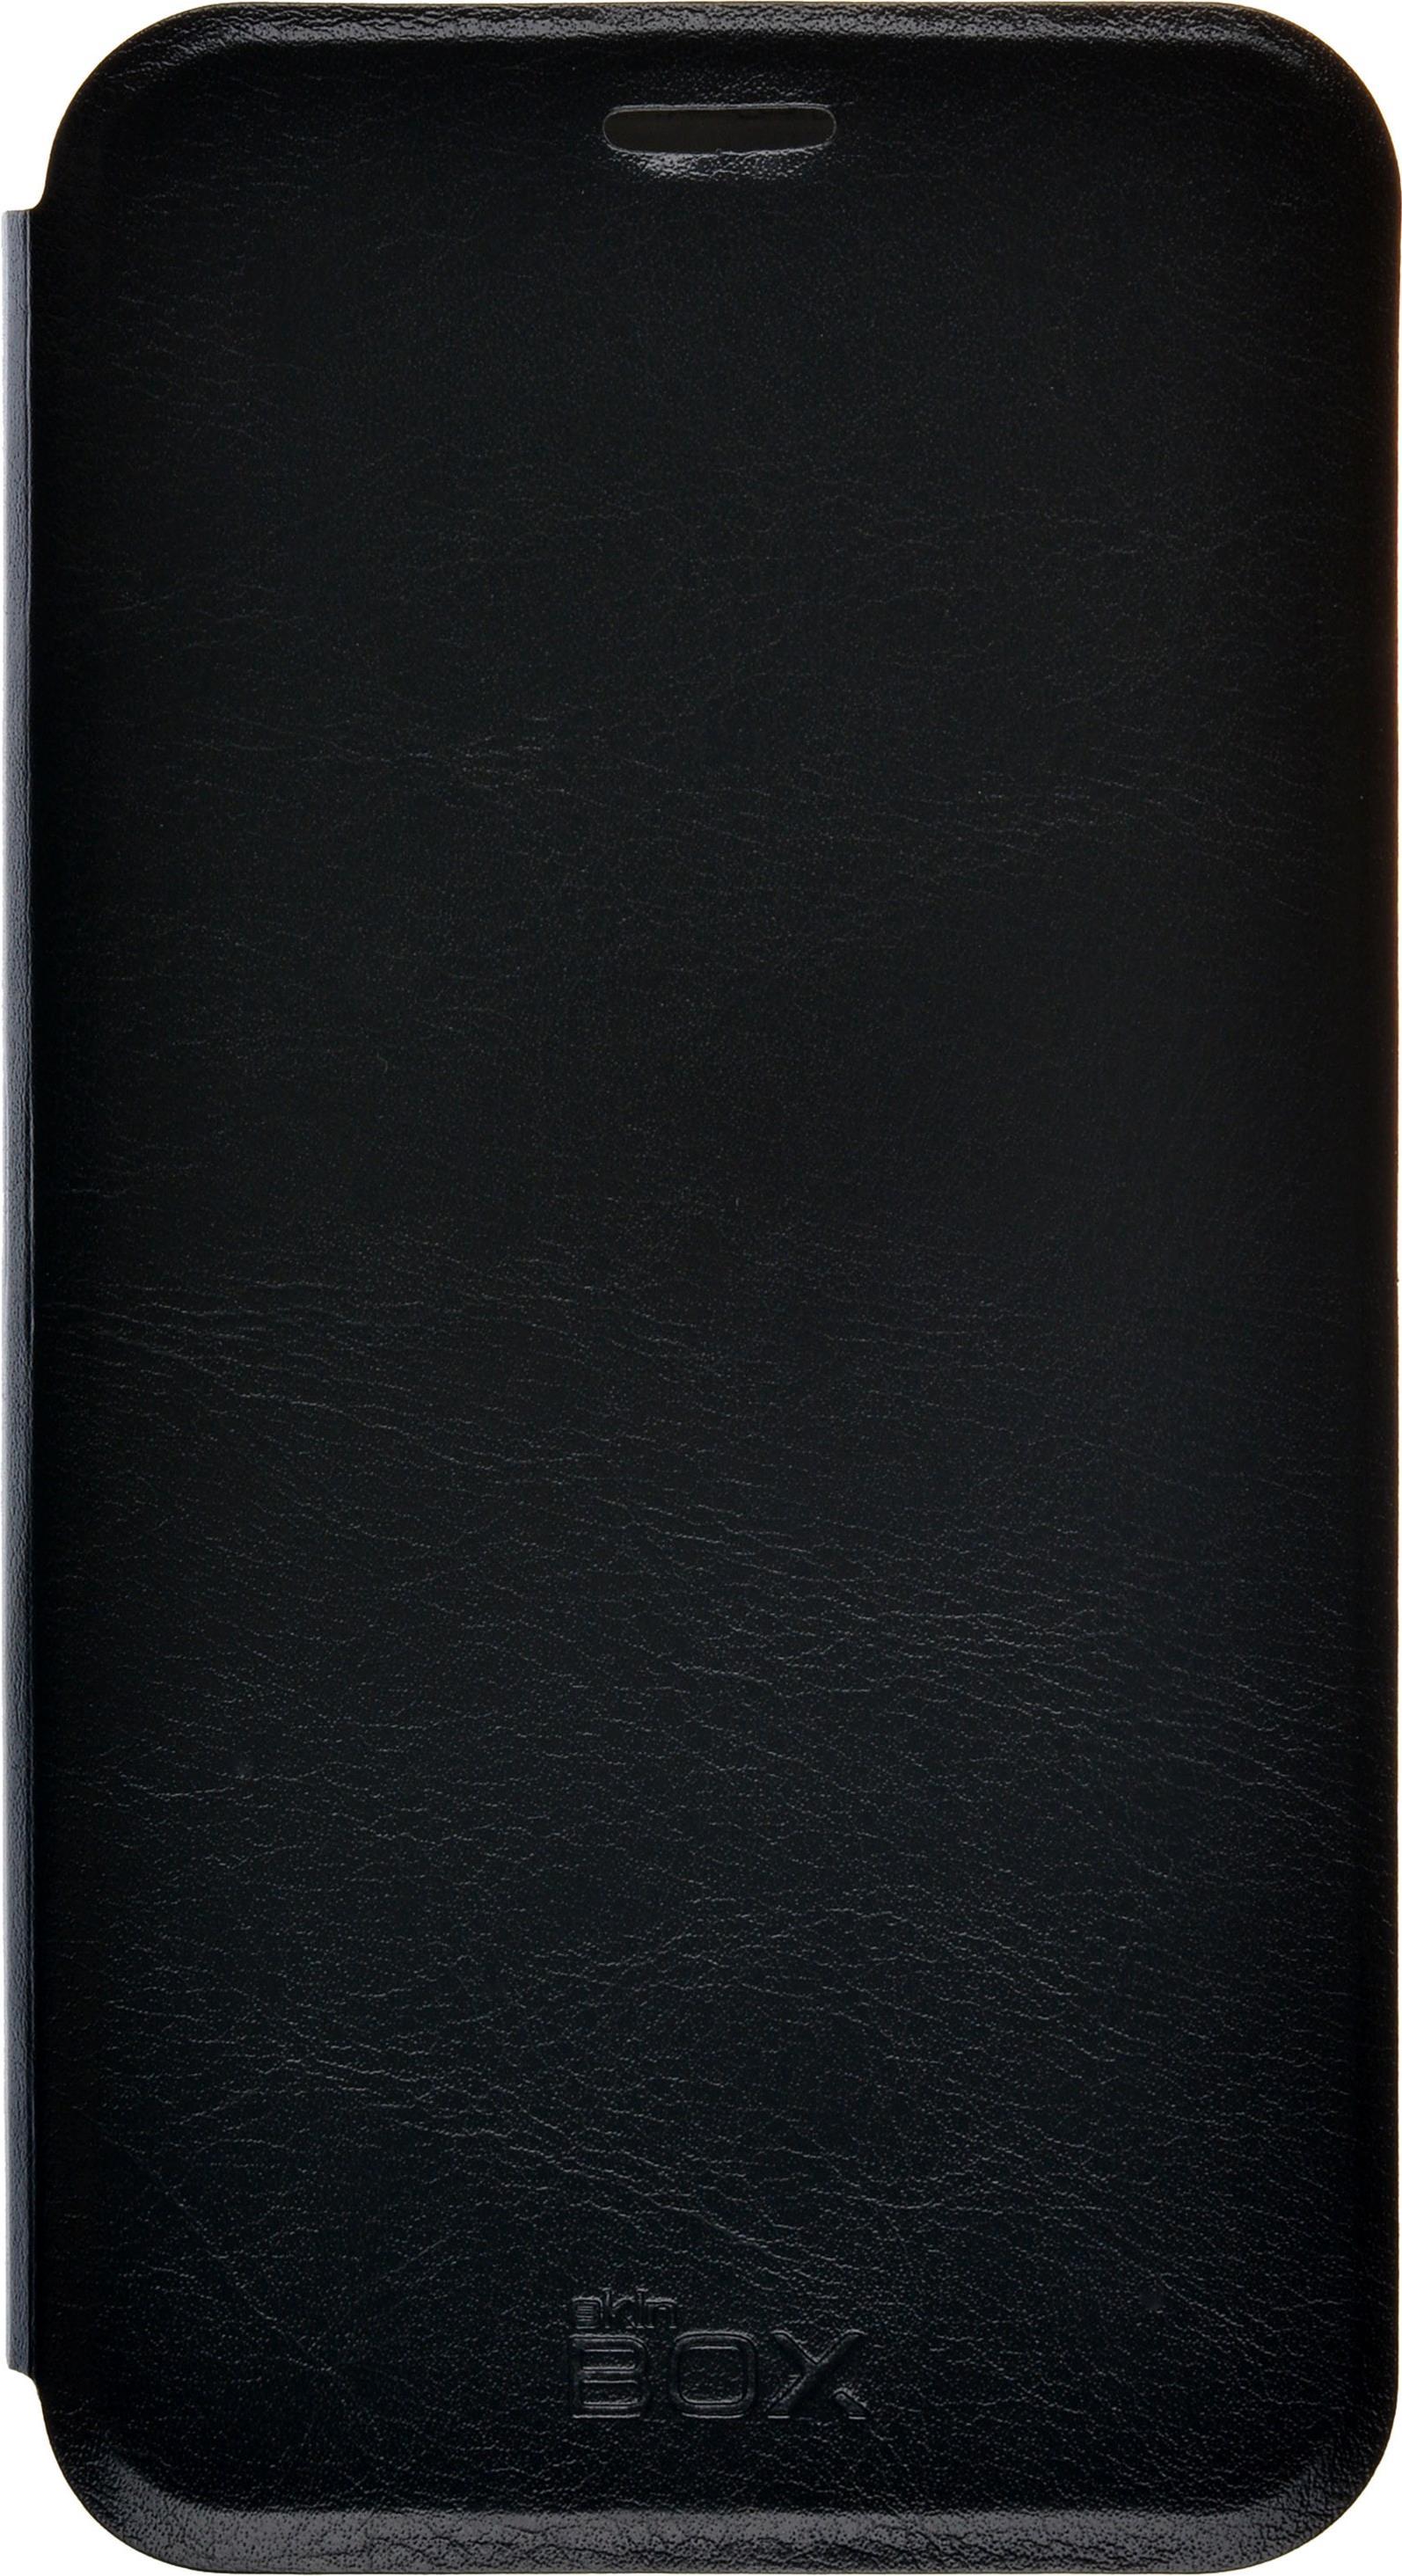 Чехол для сотового телефона skinBOX Lux, 4630042525399, черный